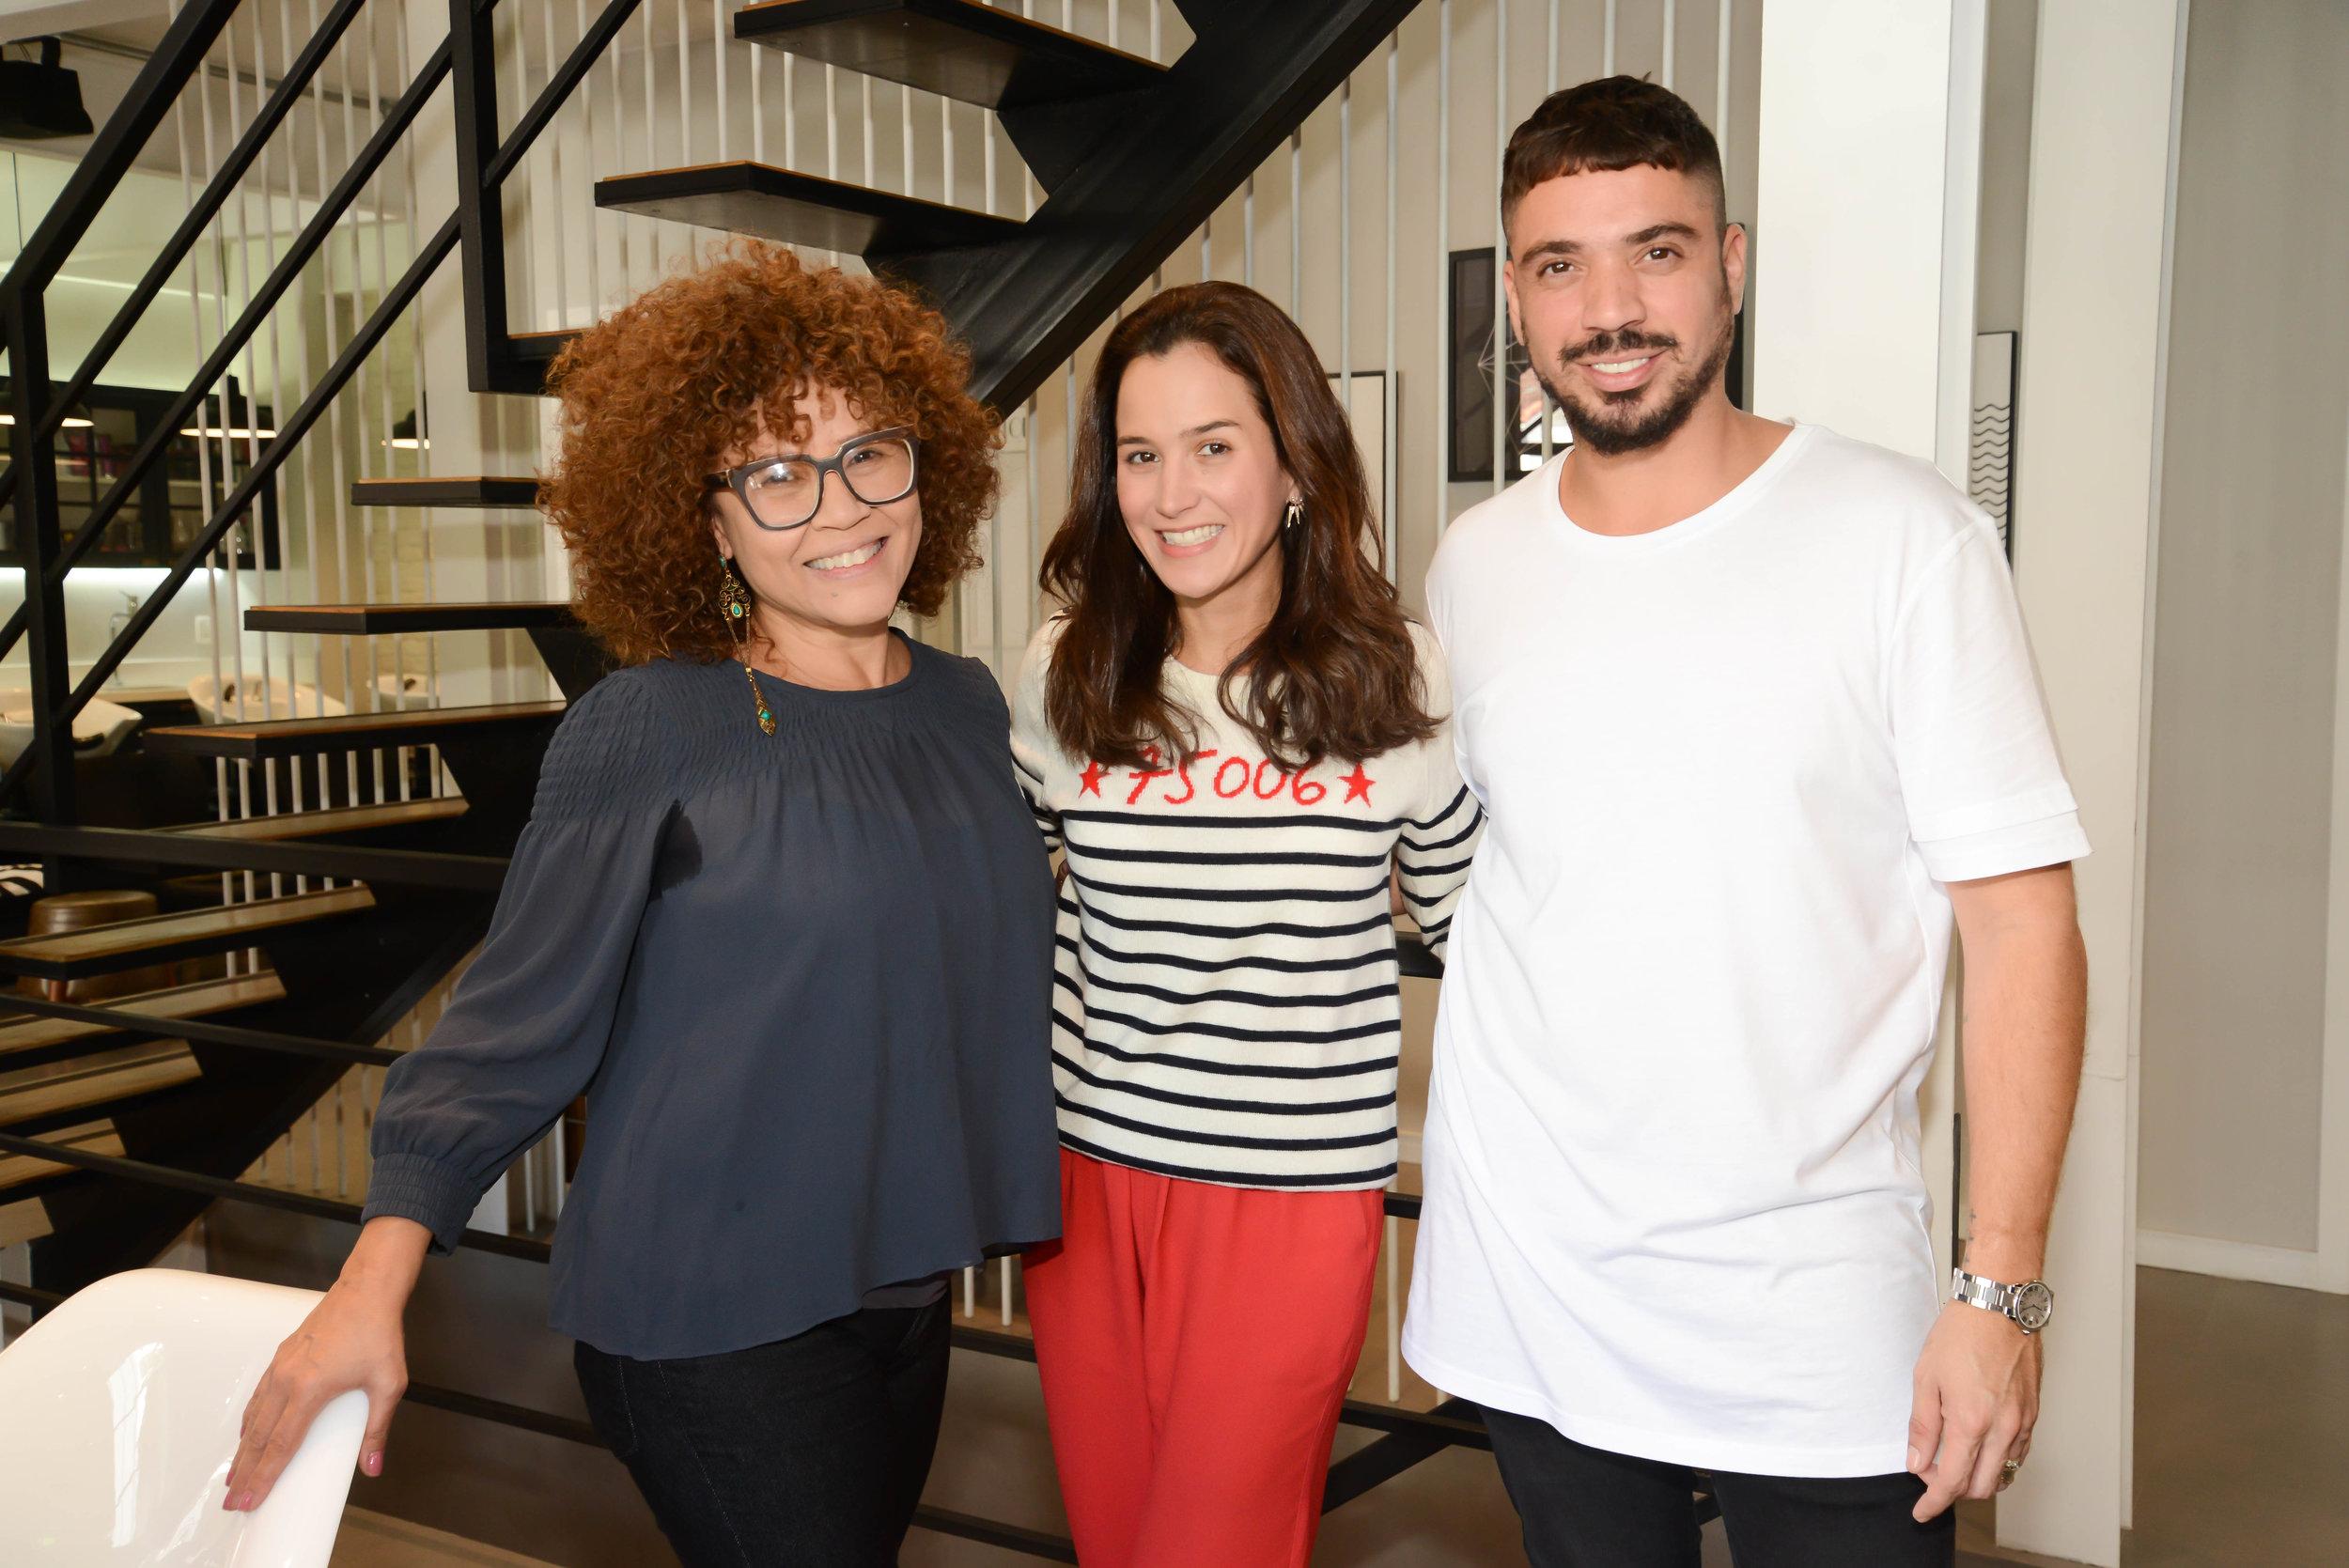 Joana Nolasco, FIL Artist Lela Athanasio e Fil Freitas